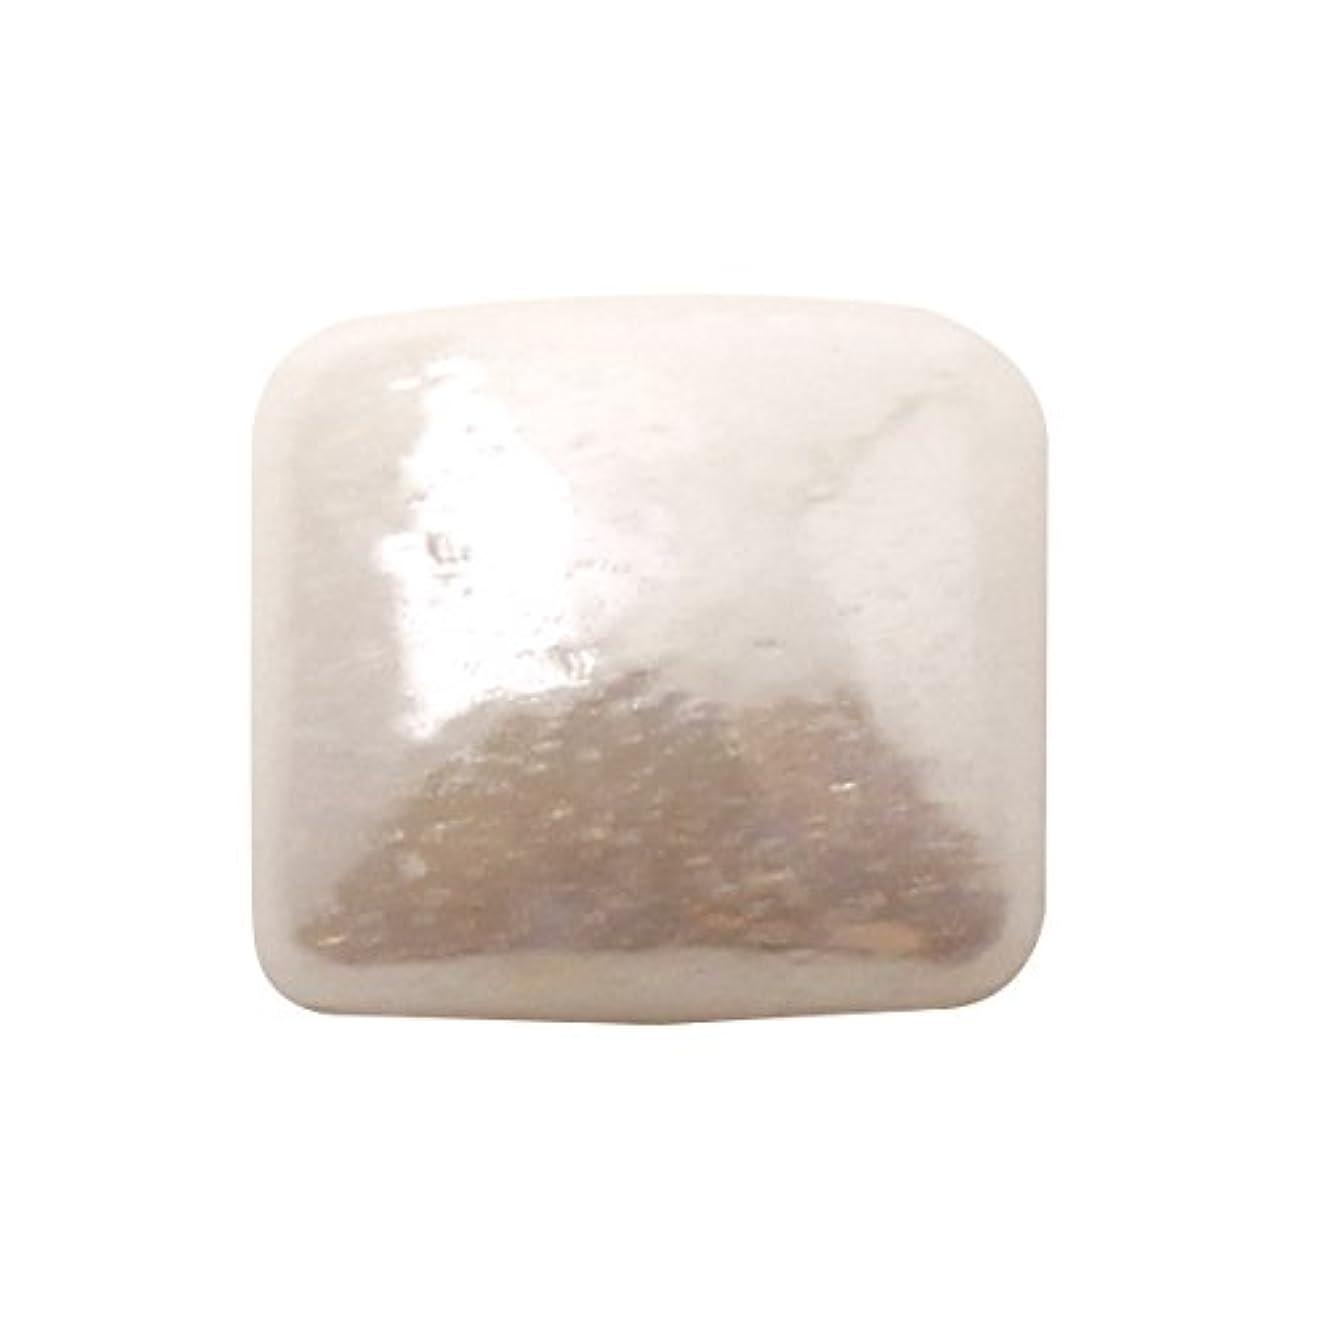 心配する絶壁調停者グラスパールスクエア 4x4mm(各30個) ホワイト